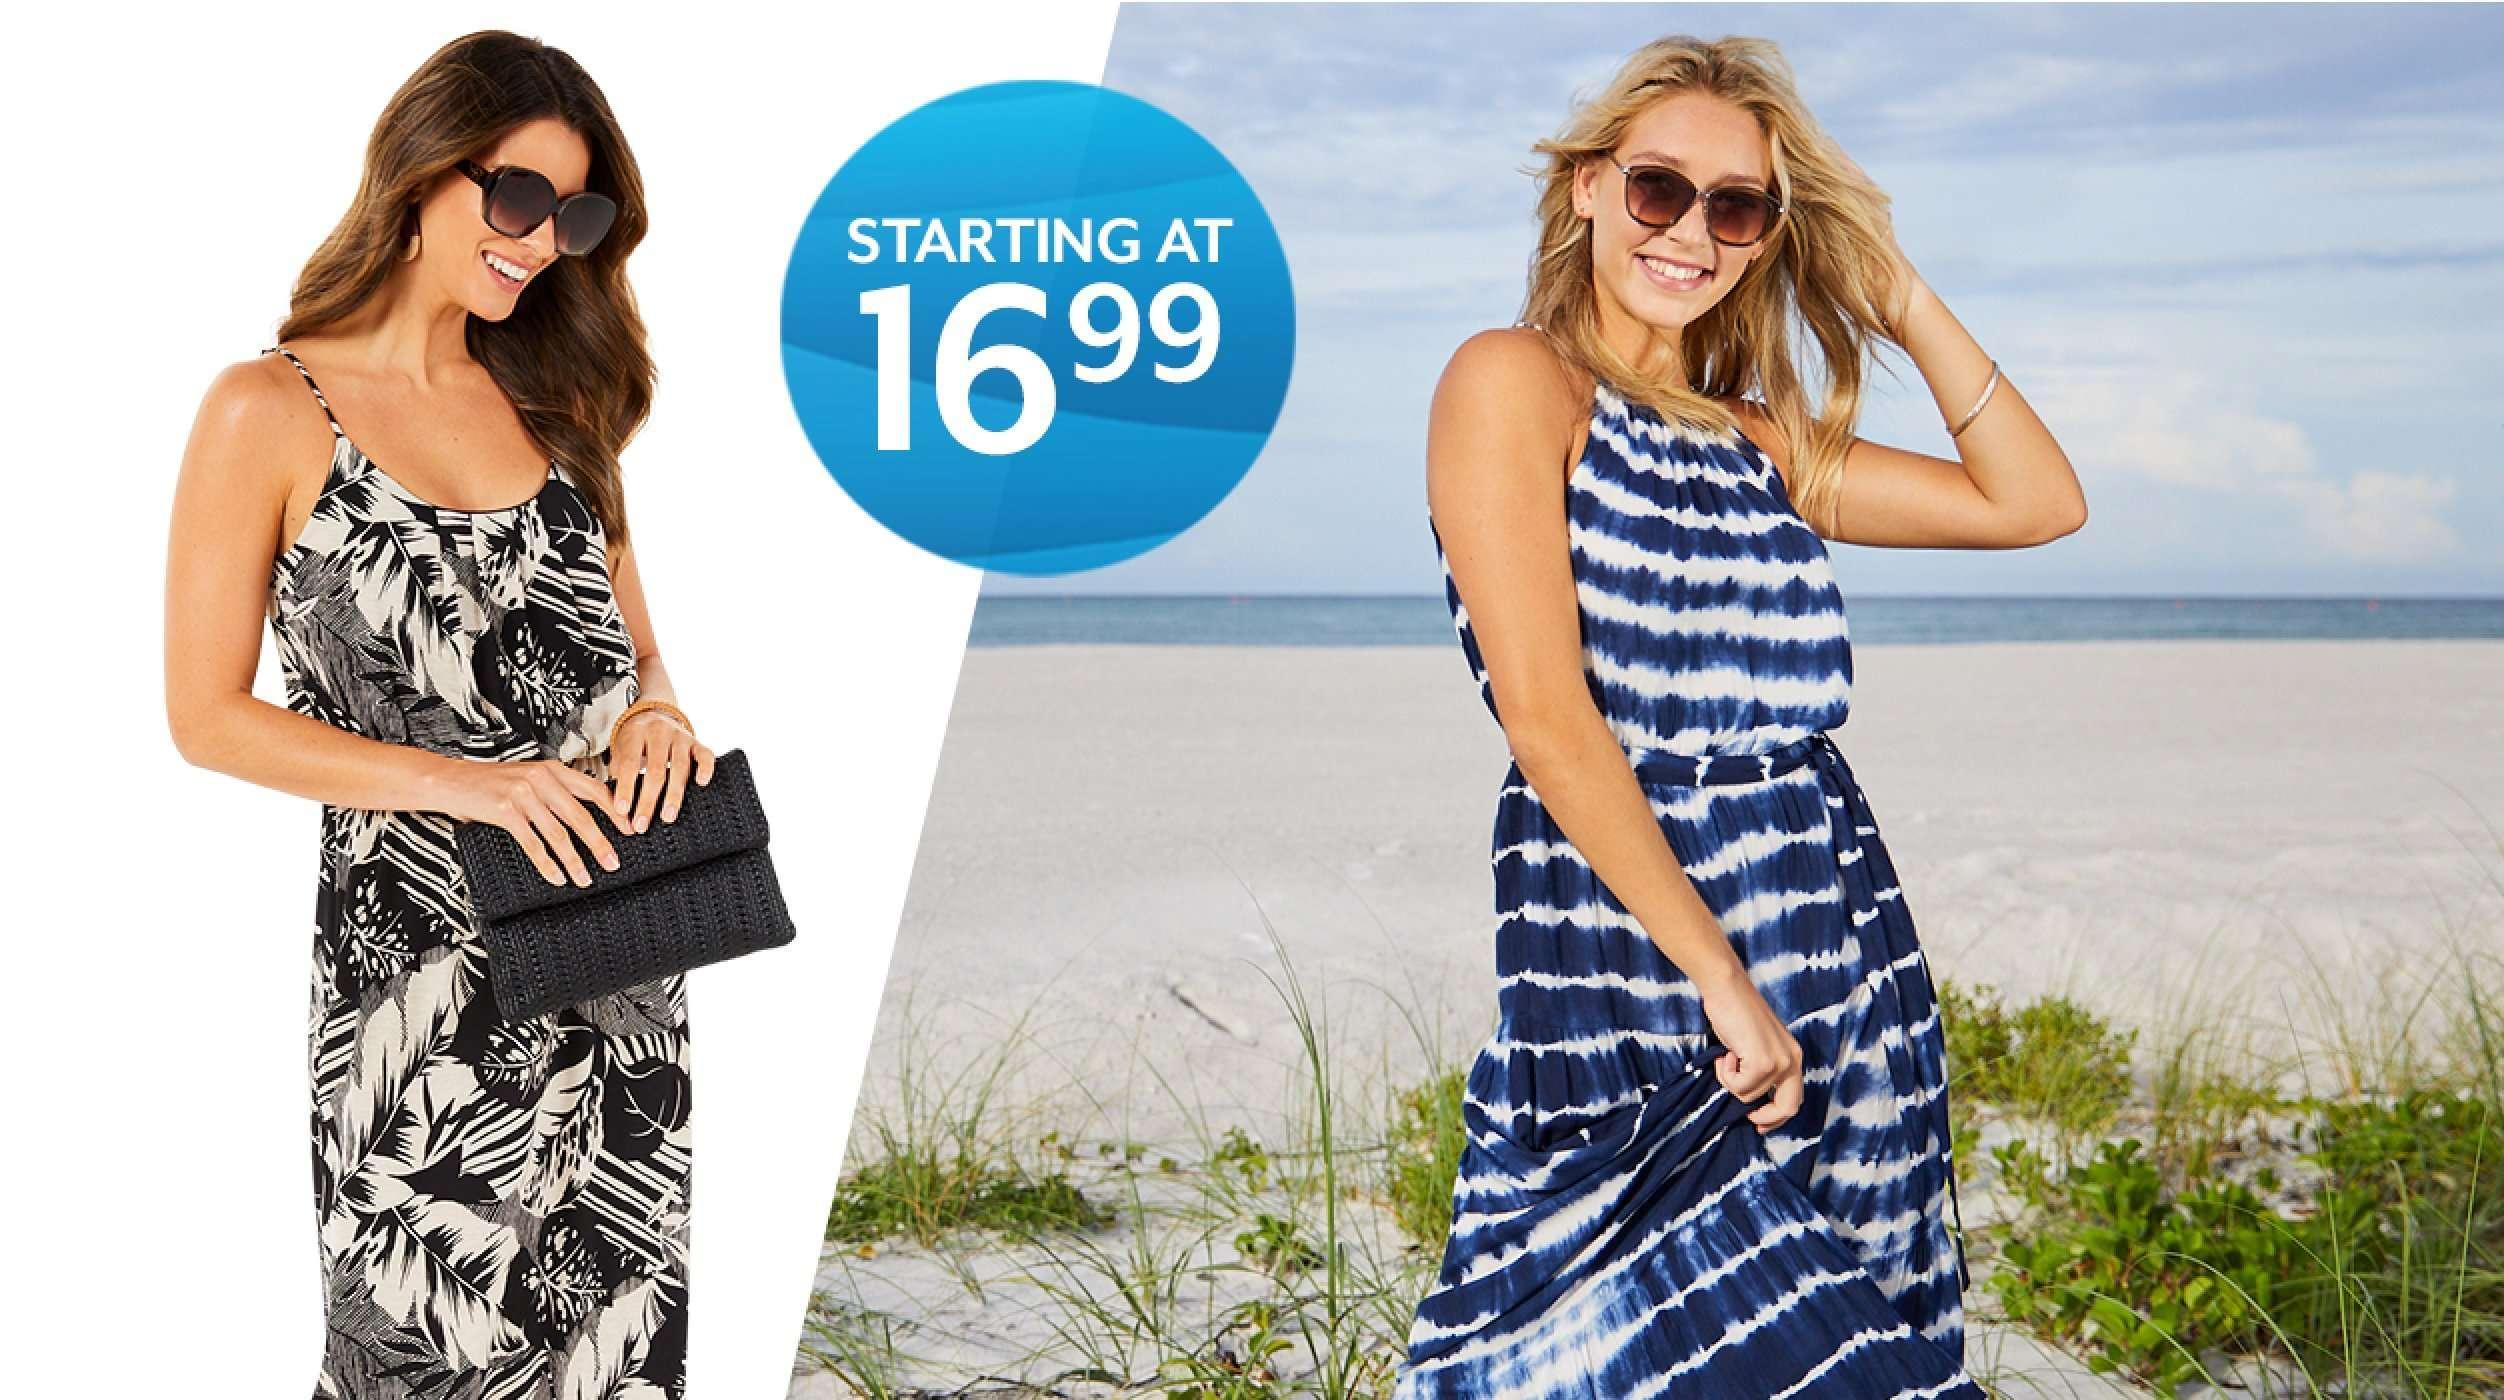 Starting at 16.99 Dresses for women